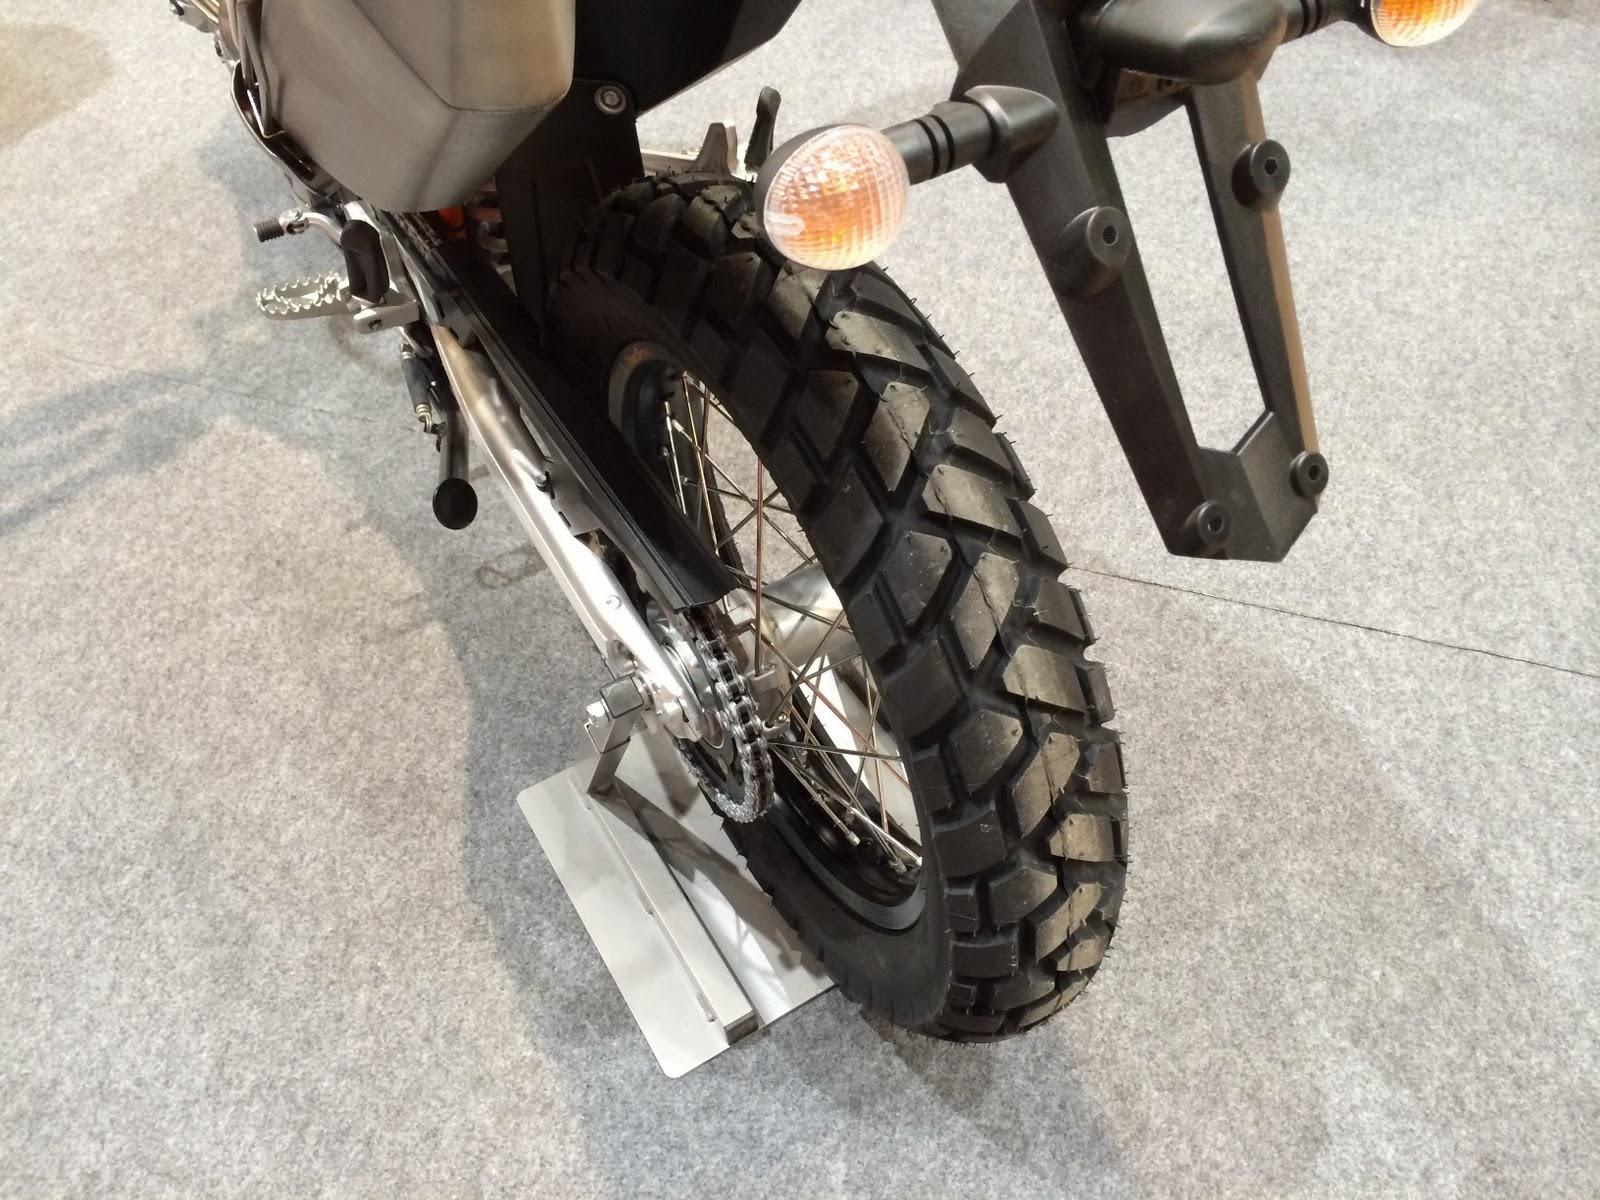 2014 KTM 690 Eduroro R tires